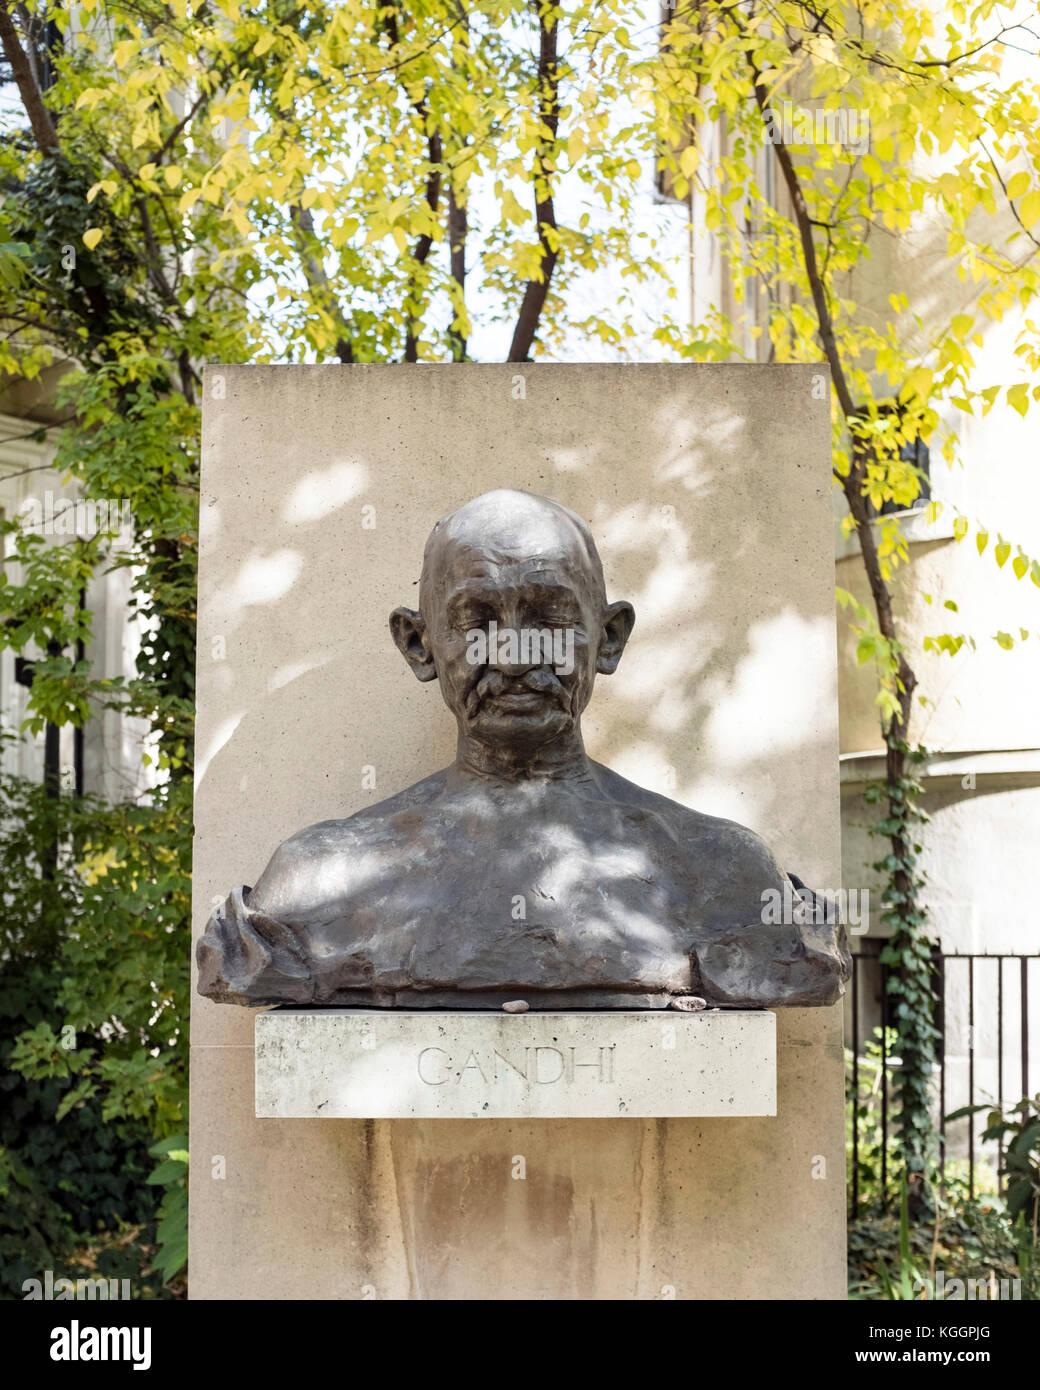 Ferenc Hopp Musée d'Arts de l'Asie de l'Est, la Hongrie: Gandhi statue dans le jardin Photo Stock